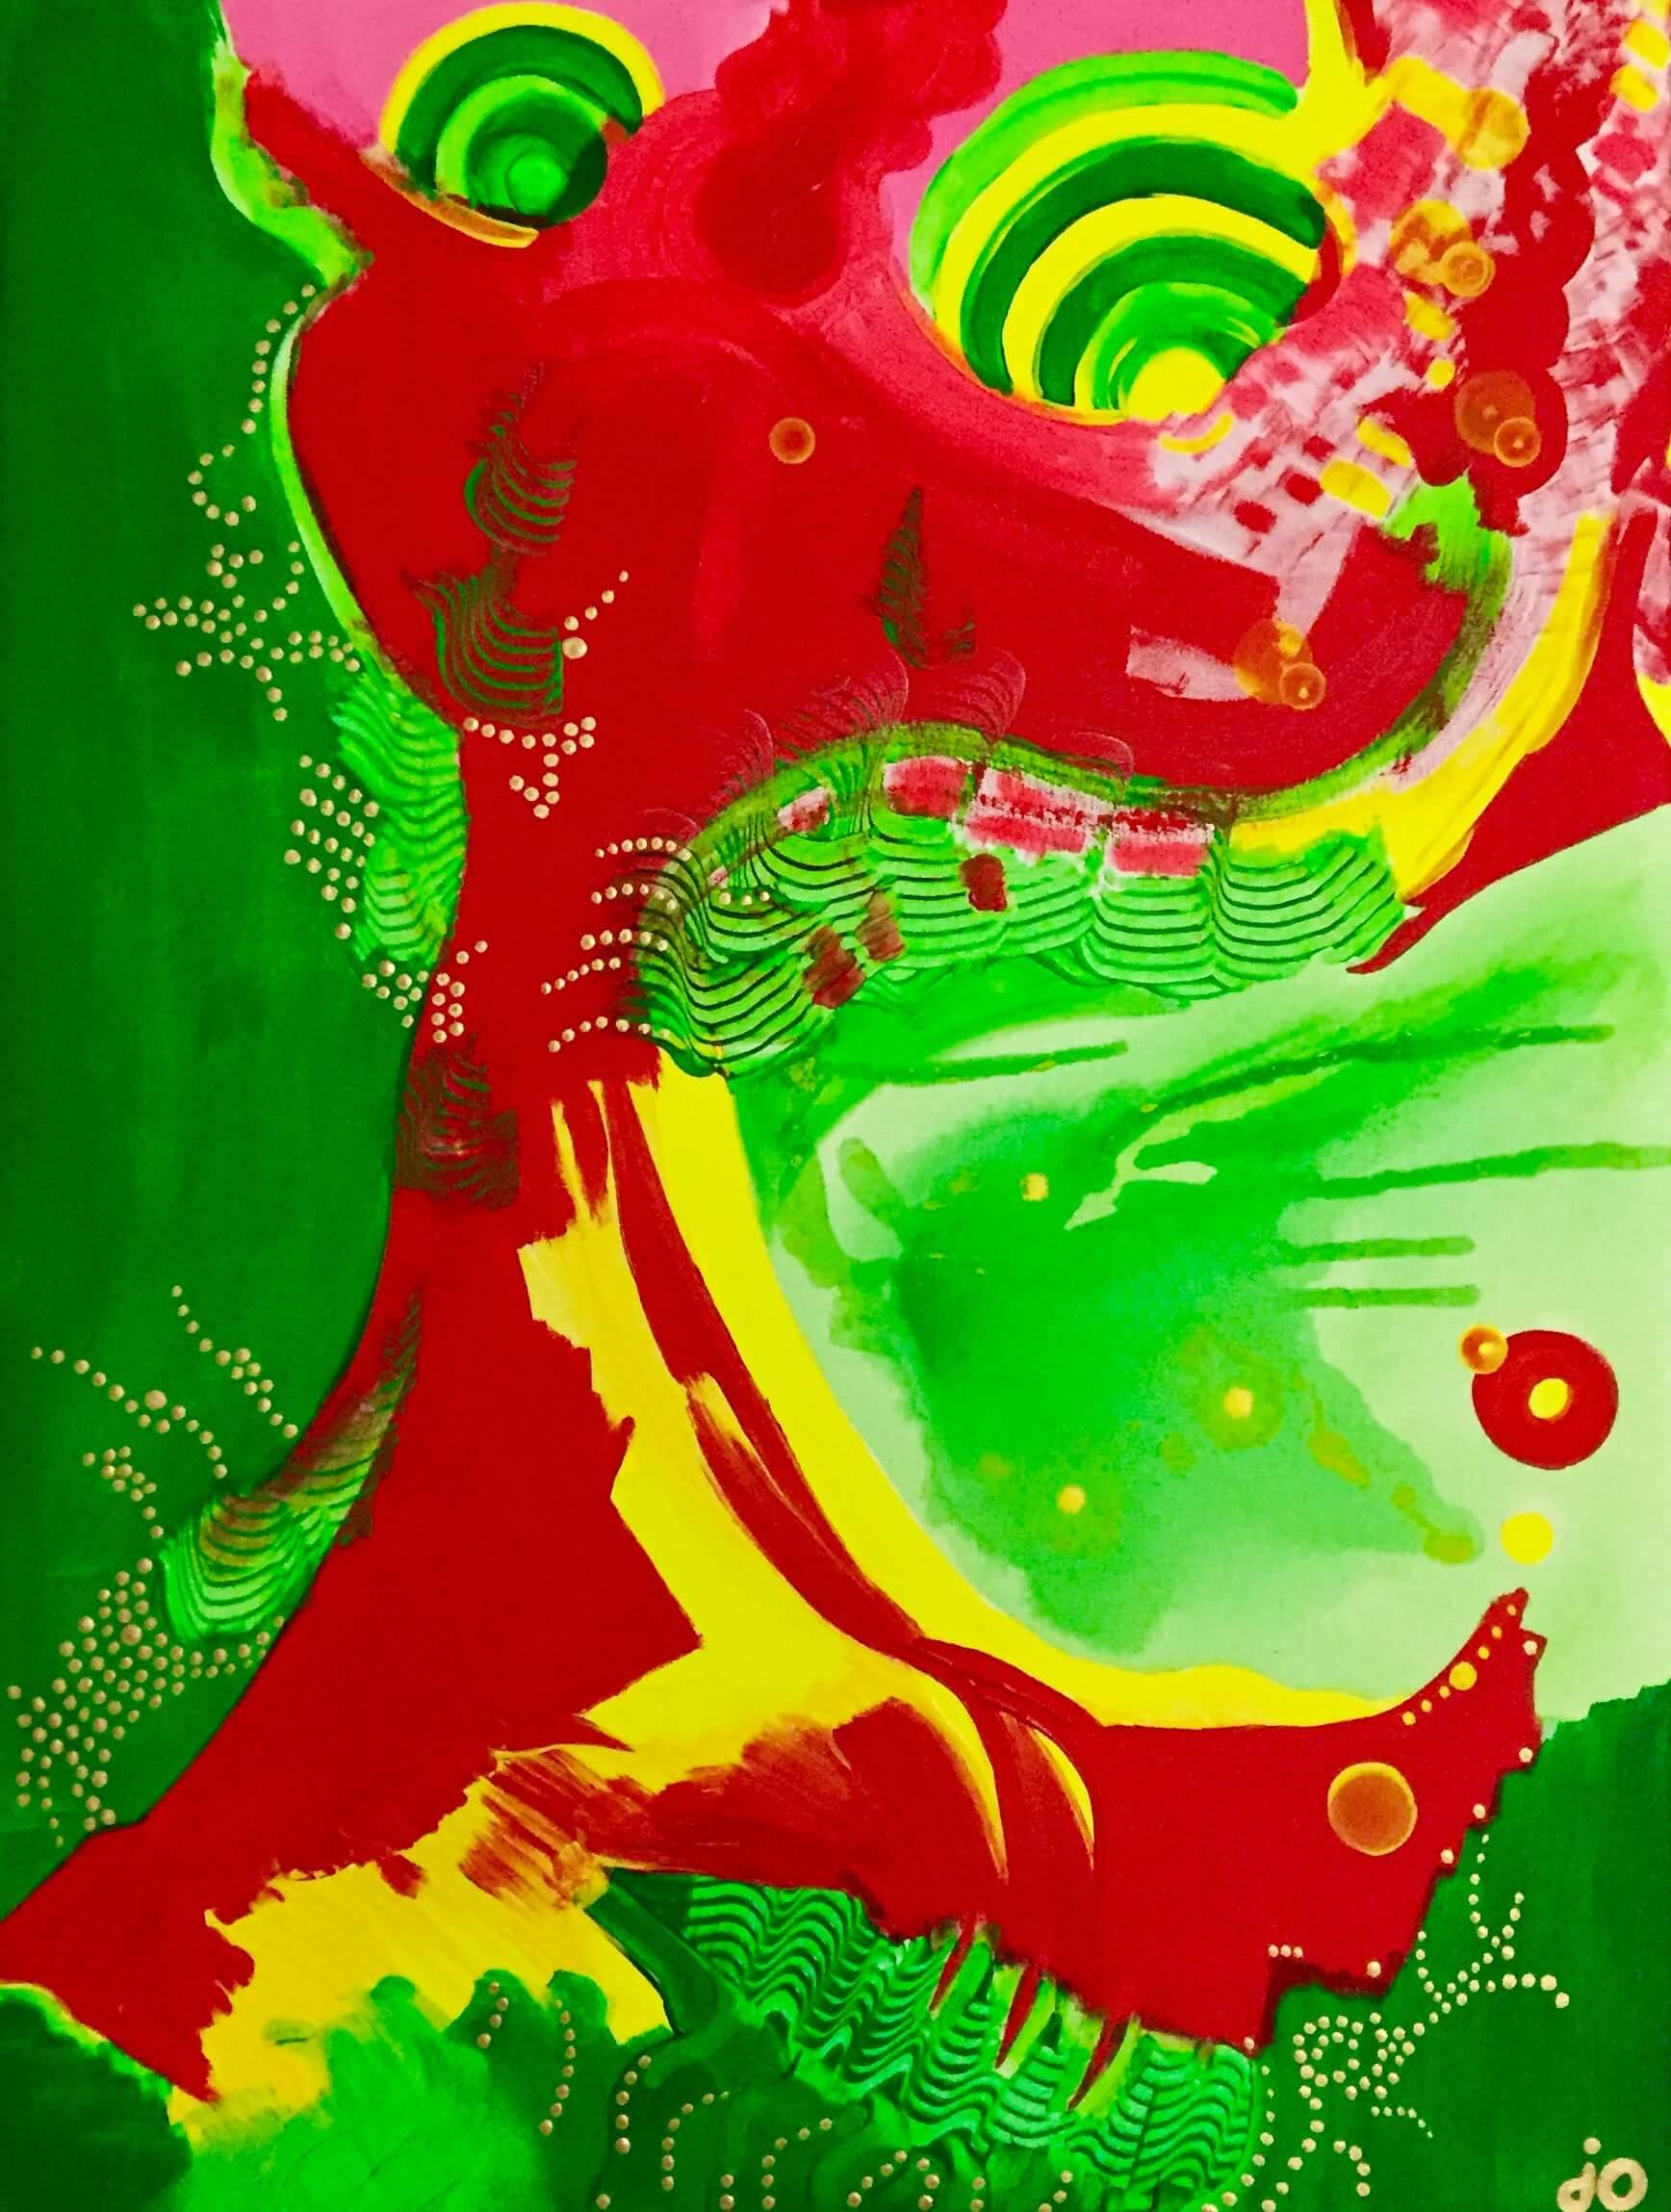 kot, wyobraźnia, do salonu, dekorujemy wnętrze, mój dom, piękne wnętrze, abstrakcja, obraz akrylowy, malarstwo abstrakcyjne, polski artysta, polska sztuka, sztuka współczesna, obraz na sprzedaż, wolnosc, oryginalny prezent, psycholdelic